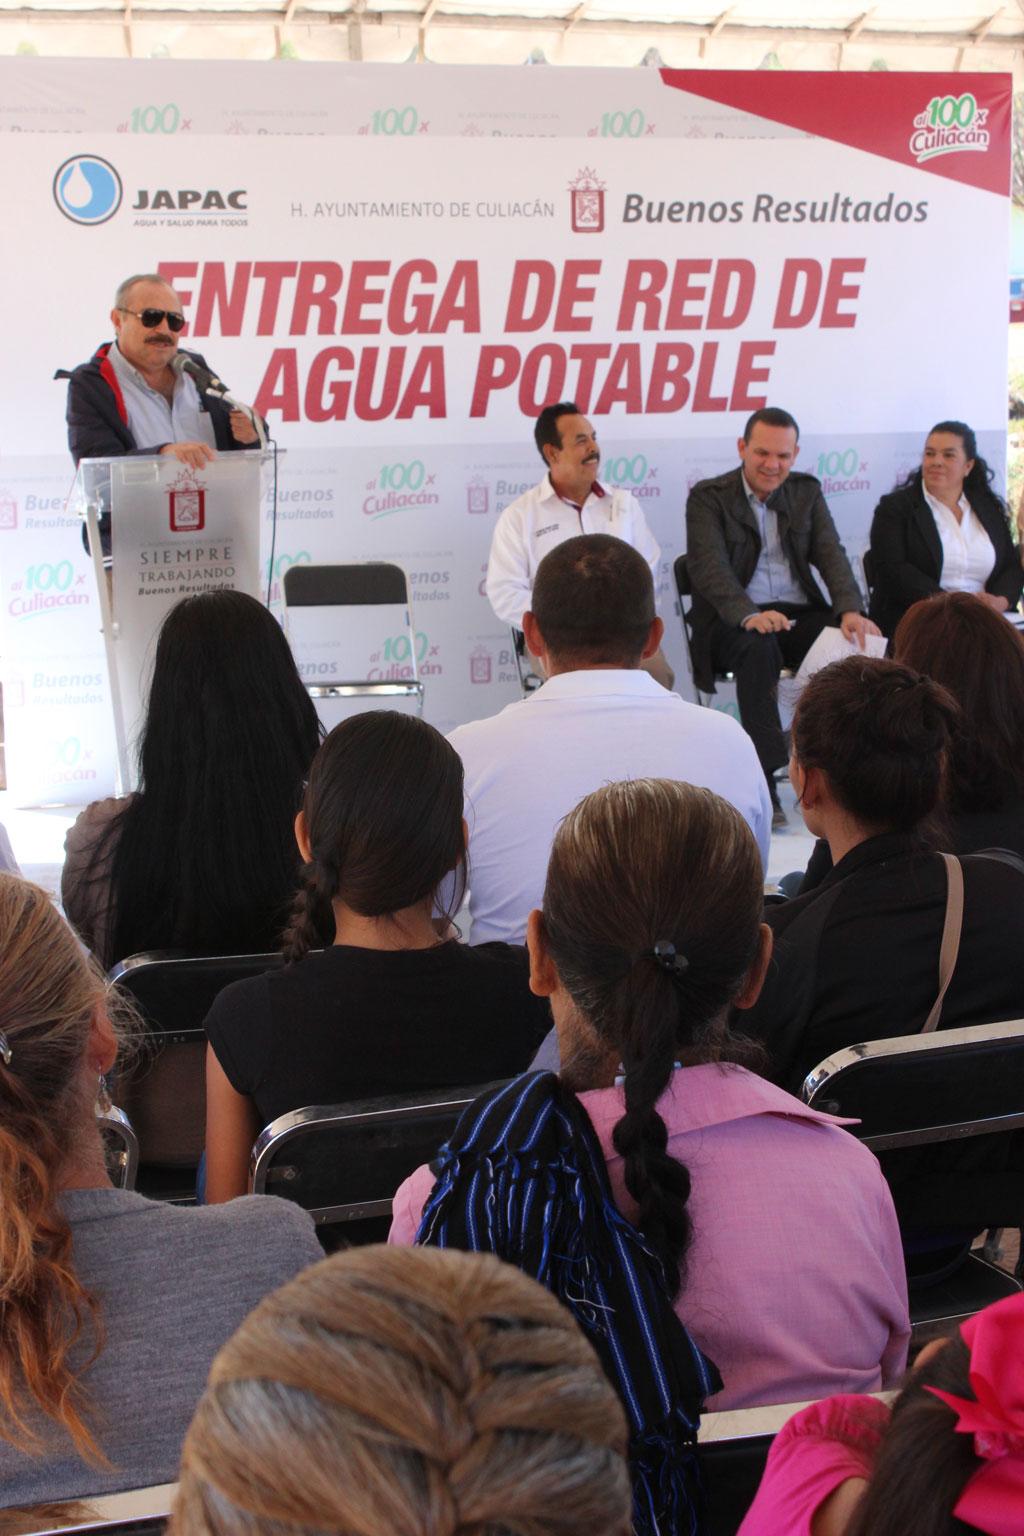 Noticias-2016-Agua-y-drenaje-para-las-comunidades-mas-apartadas-de-Culiacan-07